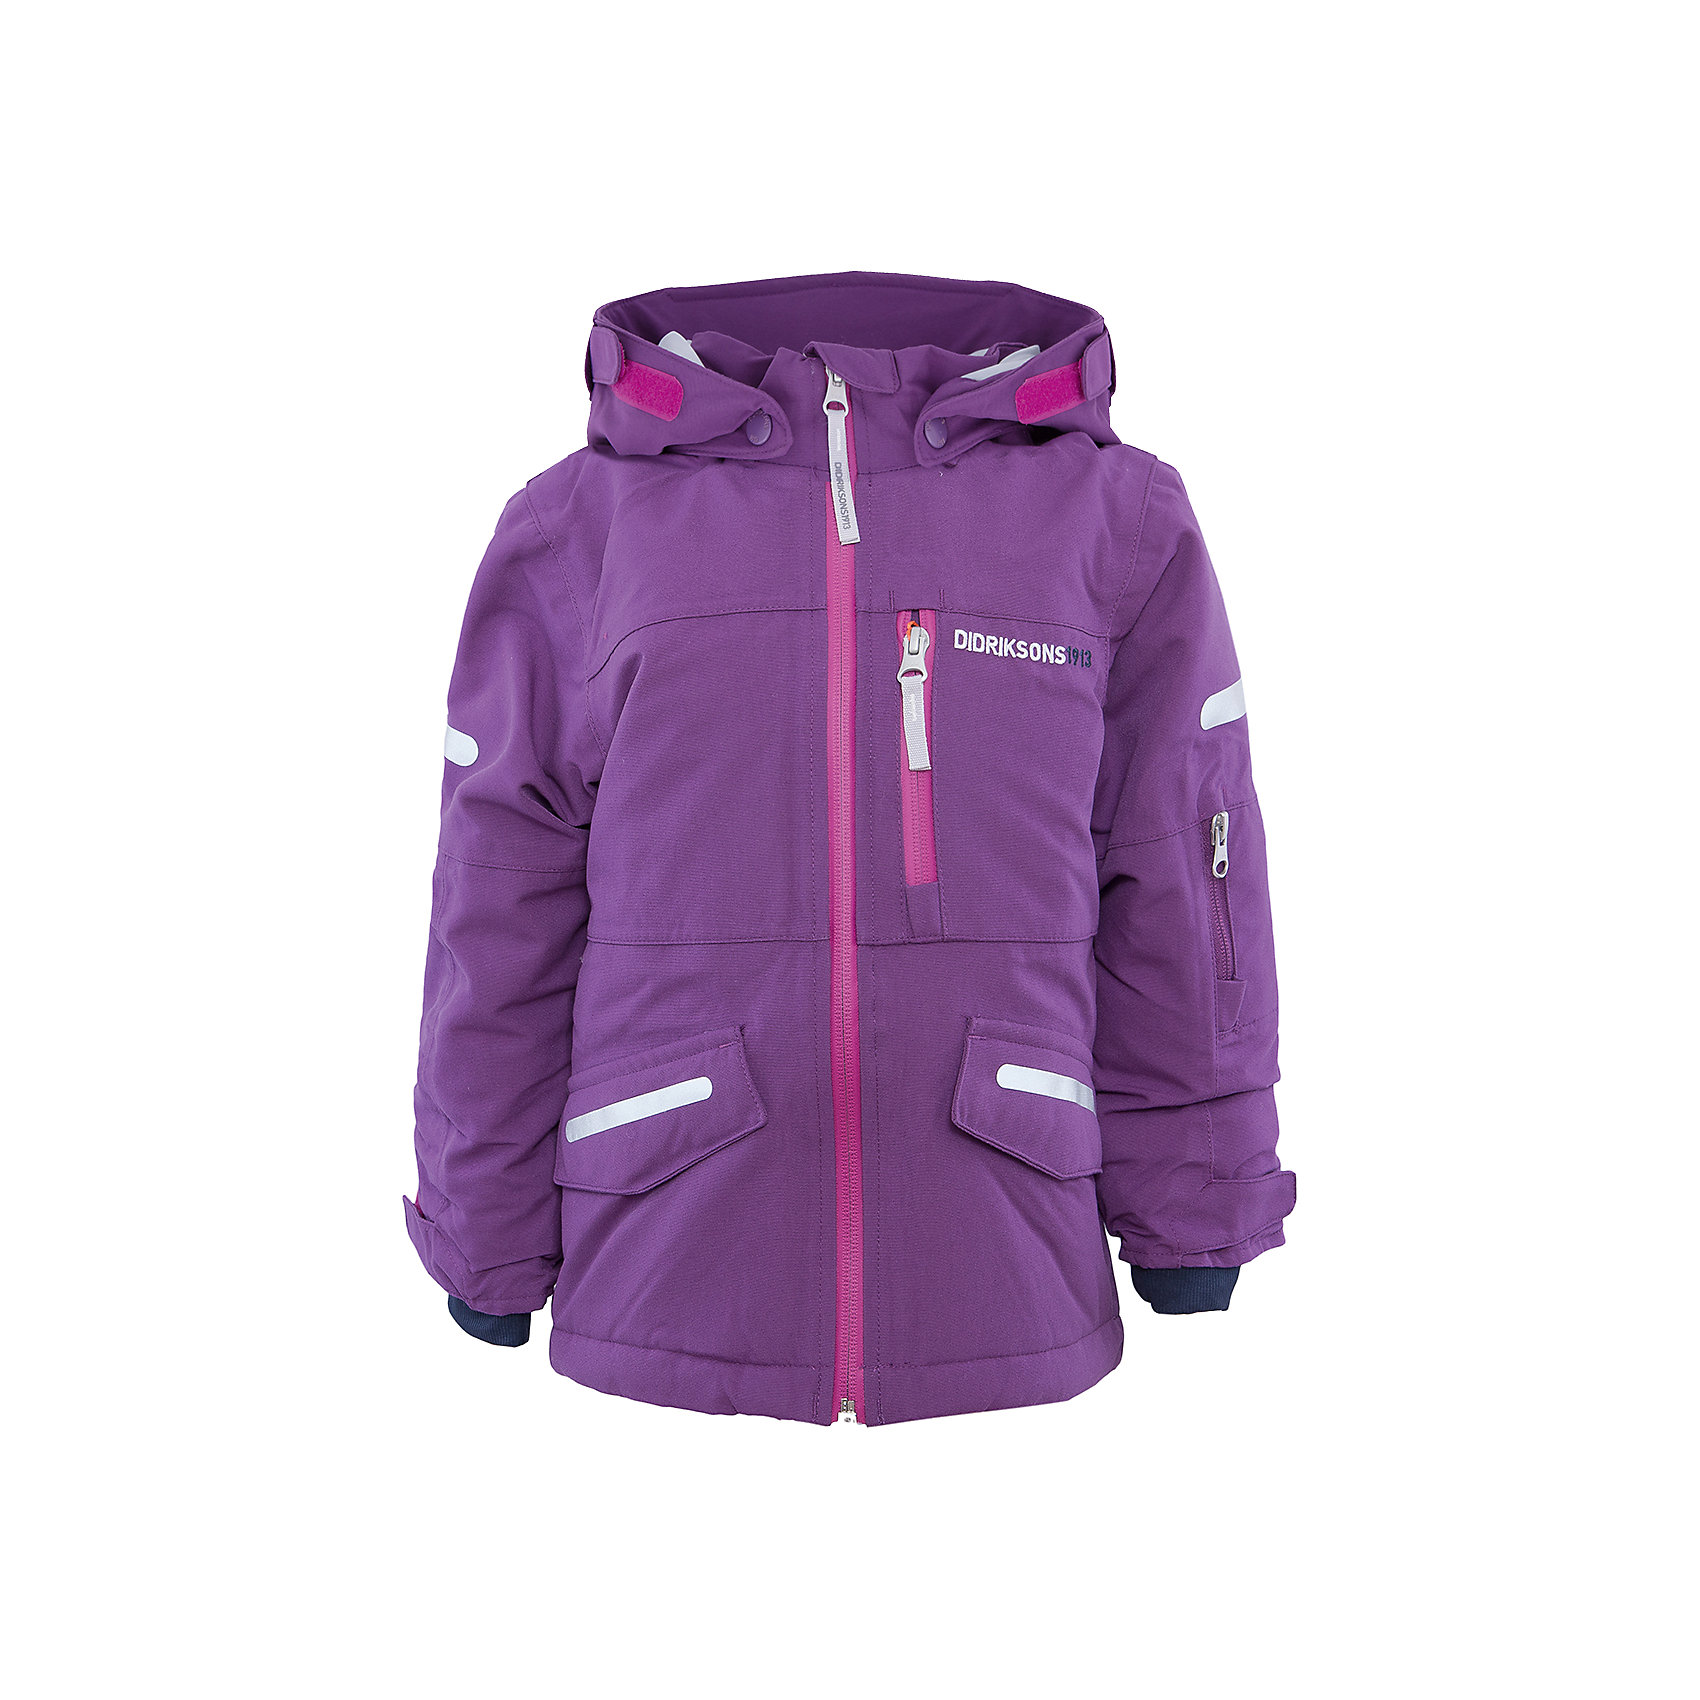 Куртка для девочки DIDRIKSONSВерхняя одежда<br>Характеристики товара:<br><br>• цвет: фиолетовый<br>• материал: 100% полиамид, подкладка 100% полиэстер<br>• утеплитель: 140 г/м<br>• сезон: зима<br>• температурный режим от +5 до -20С<br>• непромокаемая и непродуваемая мембранная ткань<br>• на спине подкладка из искусственного меха<br>• дополнительная пропитка верха<br>• прокленные швы<br>• регулируемый съемный капюшон<br>• манжеты и низ регулируется<br>• петли для крепления варежек<br>• трикотажные манжеты<br>• фронтальная молния под планкой<br>• светоотражающие детали<br>• можно увеличить длину рукавов на один размер <br>• страна бренда: Швеция<br>• страна производства: Бангладеш<br><br>Такие куртки сейчас на пике молодежной моды! Это не только стильно, но еще и очень комфортно, а также тепло. Эта качественная куртка обеспечит ребенку удобство при прогулках и активном отдыхе в межсезонье. Такая модель от шведского производителя легко трансформируется под рост ребенка и погодные условия.<br>Куртка сшита из мембранной ткани, которая позволяет телу дышать, но при этом не промокает и не продувается. Очень стильная и удобная модель! Изделие качественно выполнено, сделано из безопасных для детей материалов. <br><br>Куртку для девочки от бренда DIDRIKSONS можно купить в нашем интернет-магазине.<br><br>Ширина мм: 356<br>Глубина мм: 10<br>Высота мм: 245<br>Вес г: 519<br>Цвет: розовый<br>Возраст от месяцев: 48<br>Возраст до месяцев: 60<br>Пол: Женский<br>Возраст: Детский<br>Размер: 100,90,110,80,140,130,120<br>SKU: 5043900